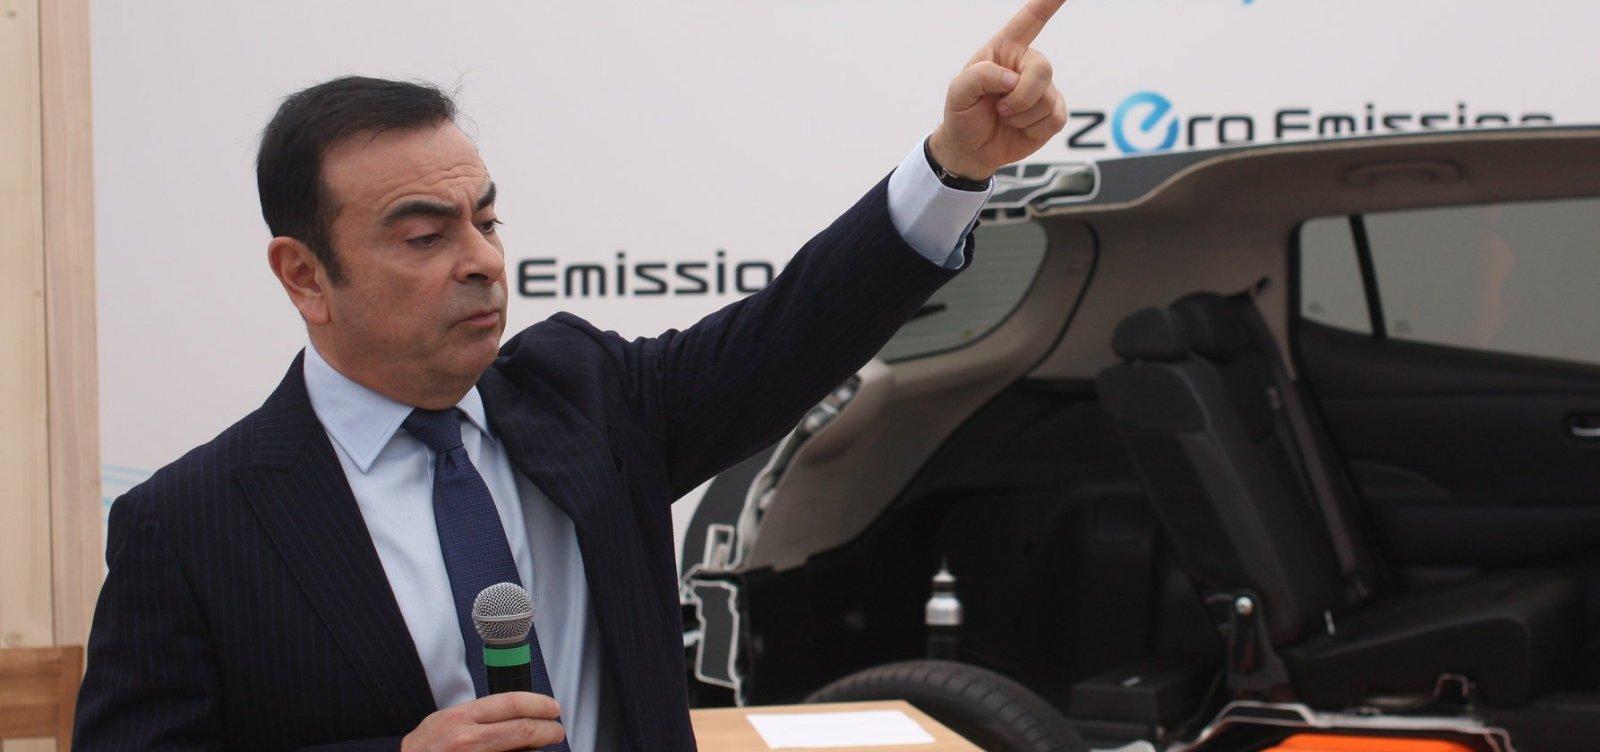 Ghosn é destituído da direção da Nissan